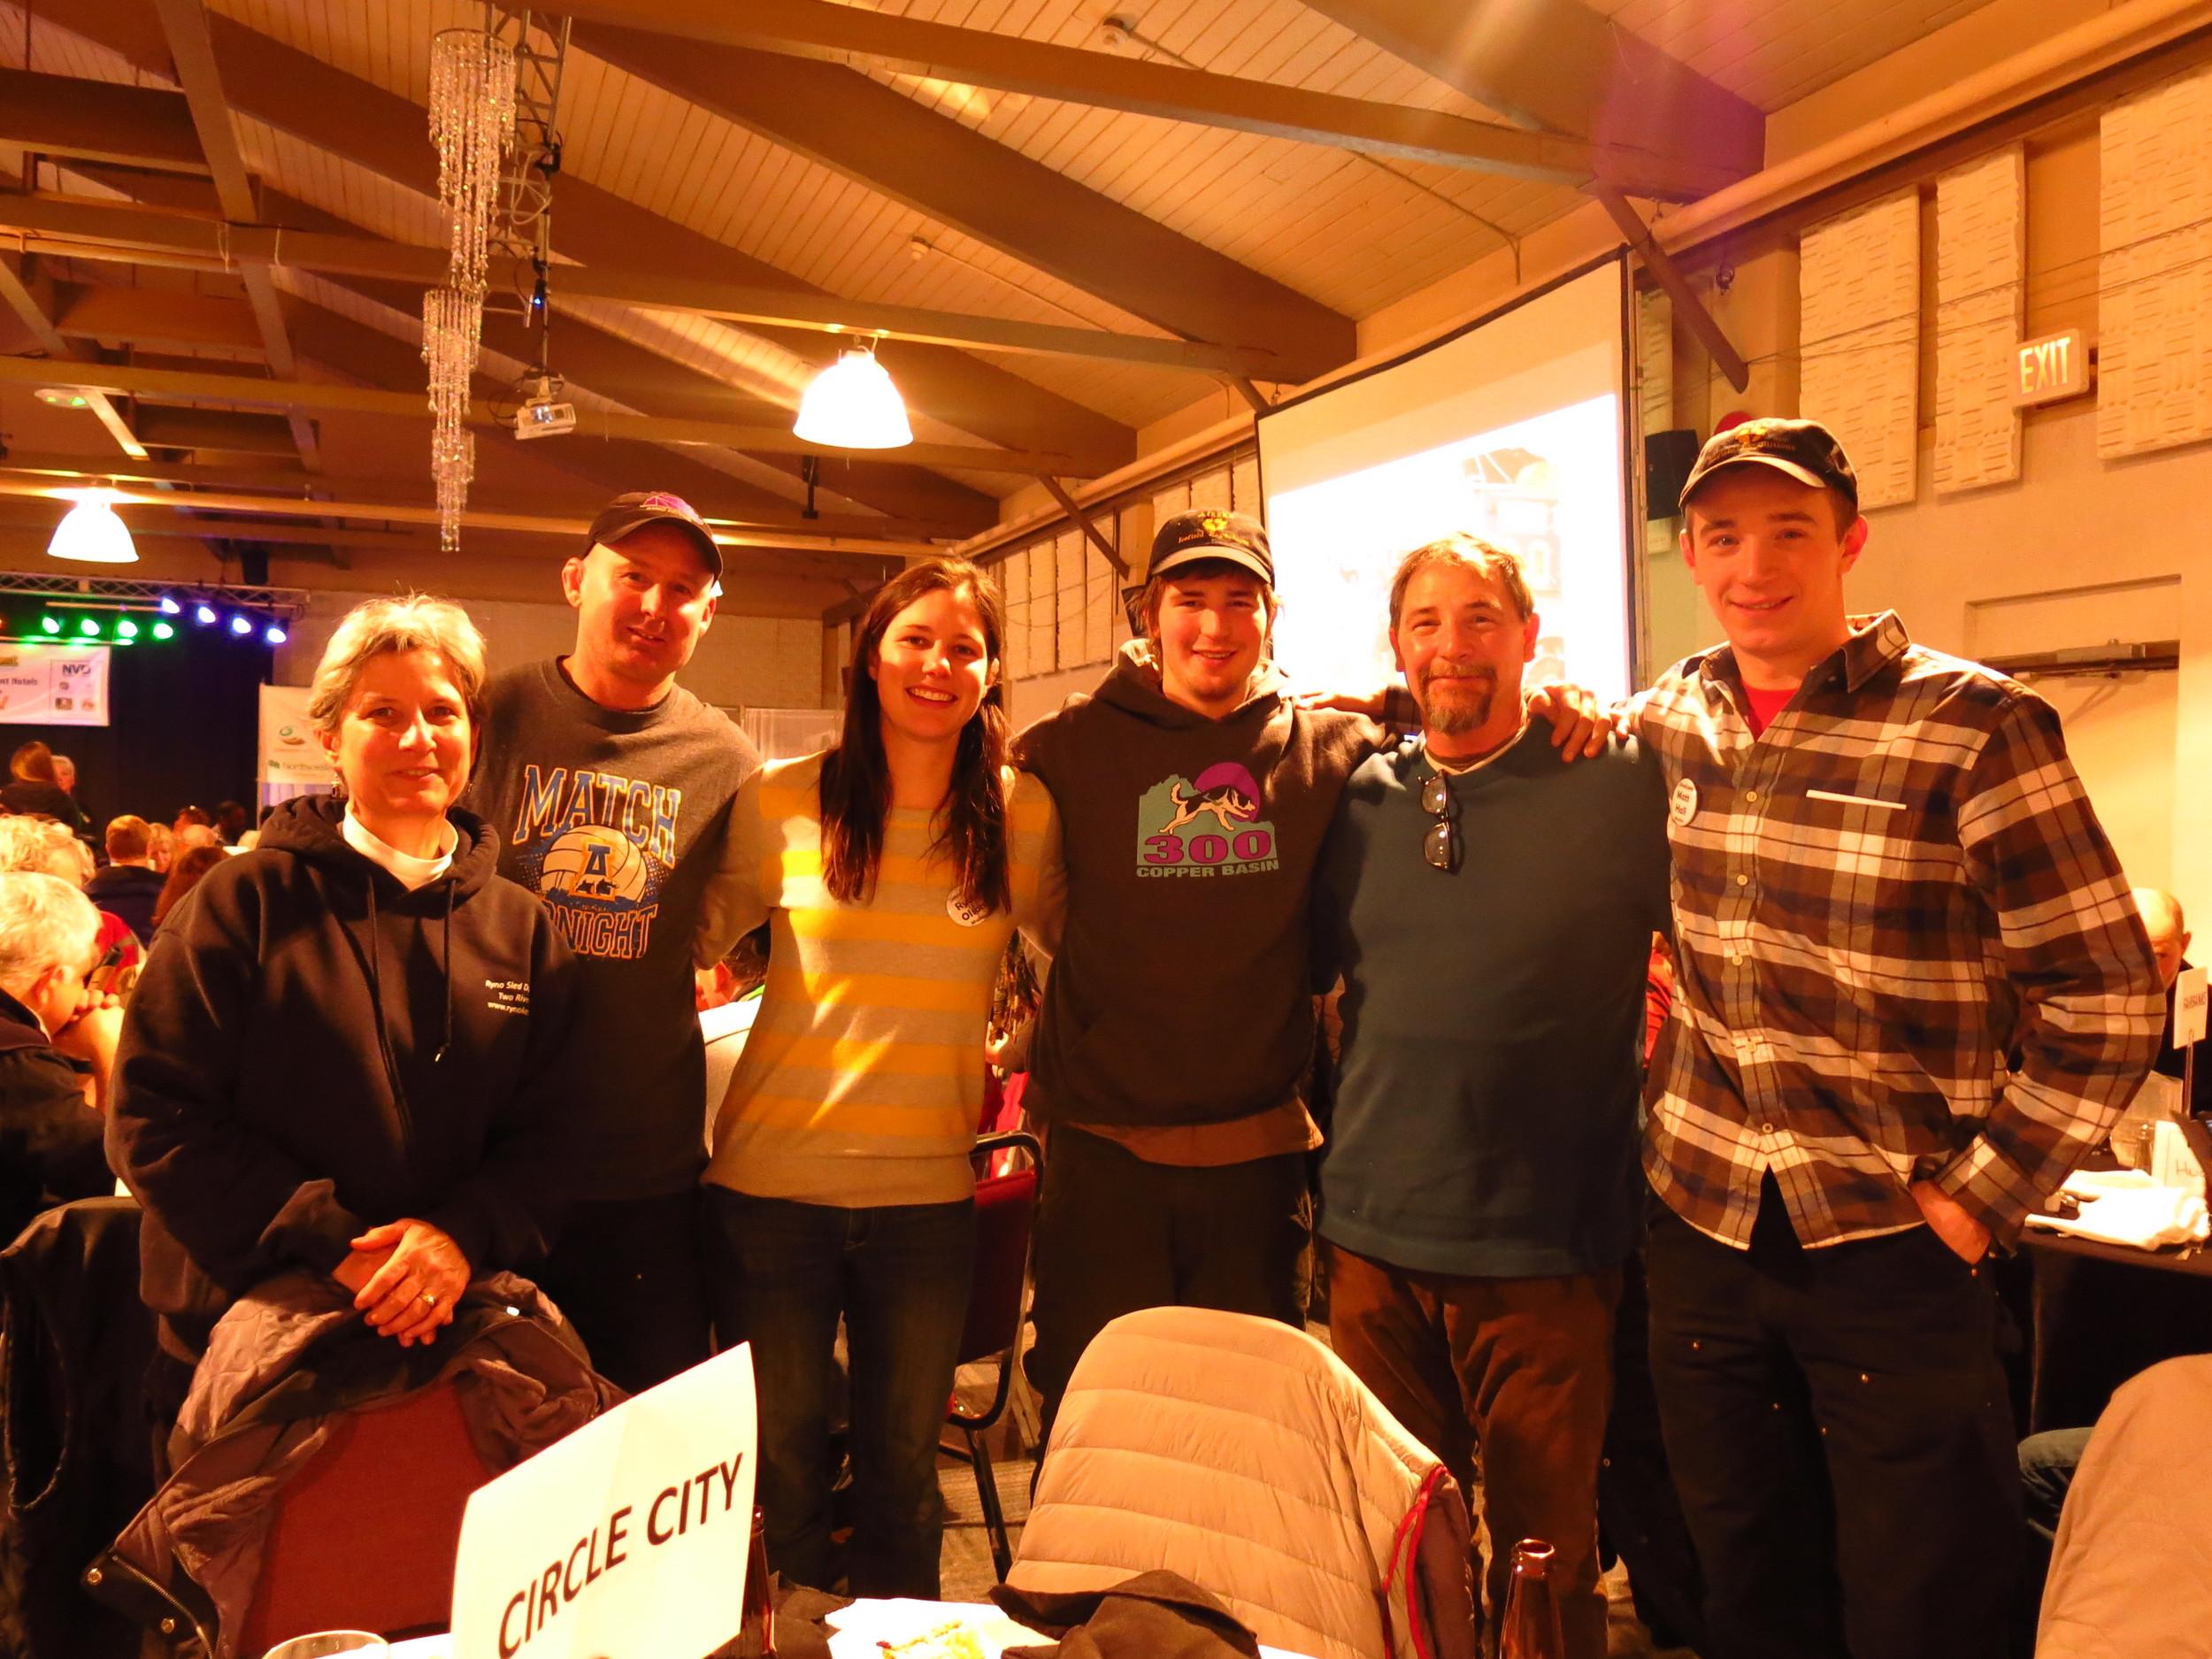 Left to right: Katy (Ryne mom), Derek, Ryne, Riley, Keith (Riley's dad, Matt's handler), Matt (Quest musher)